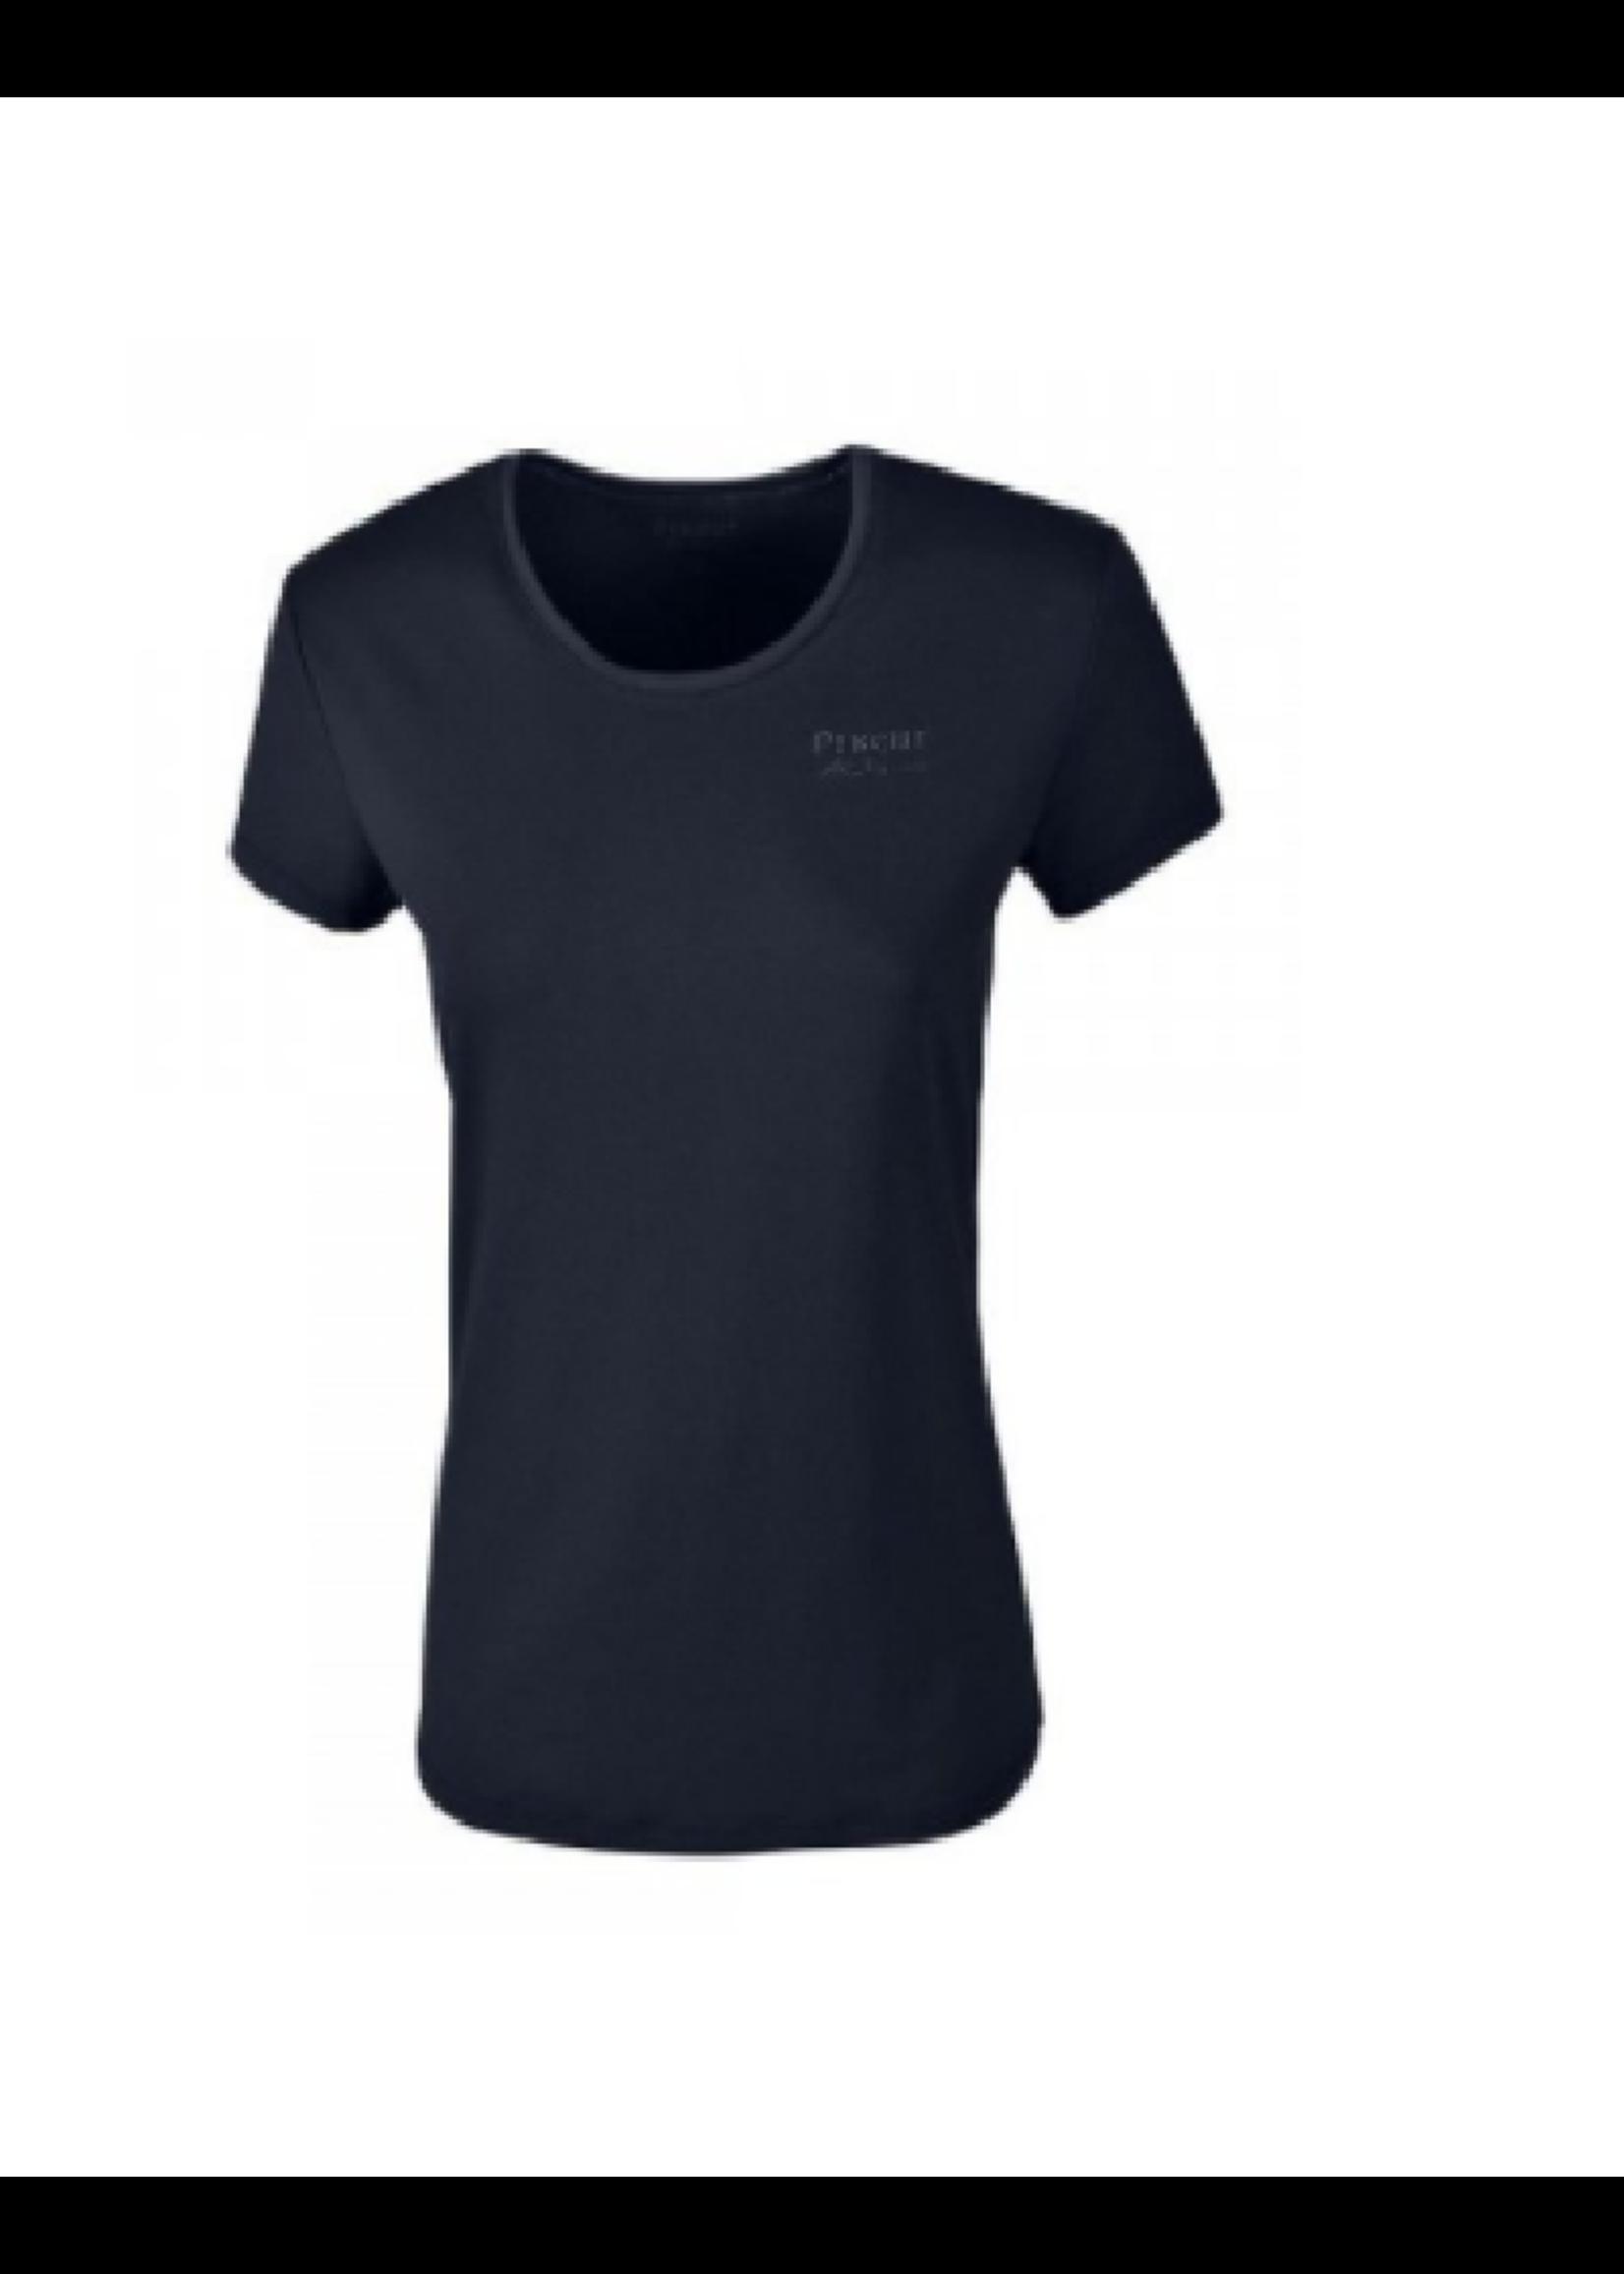 Pikeur Pikeur Jade Shirt